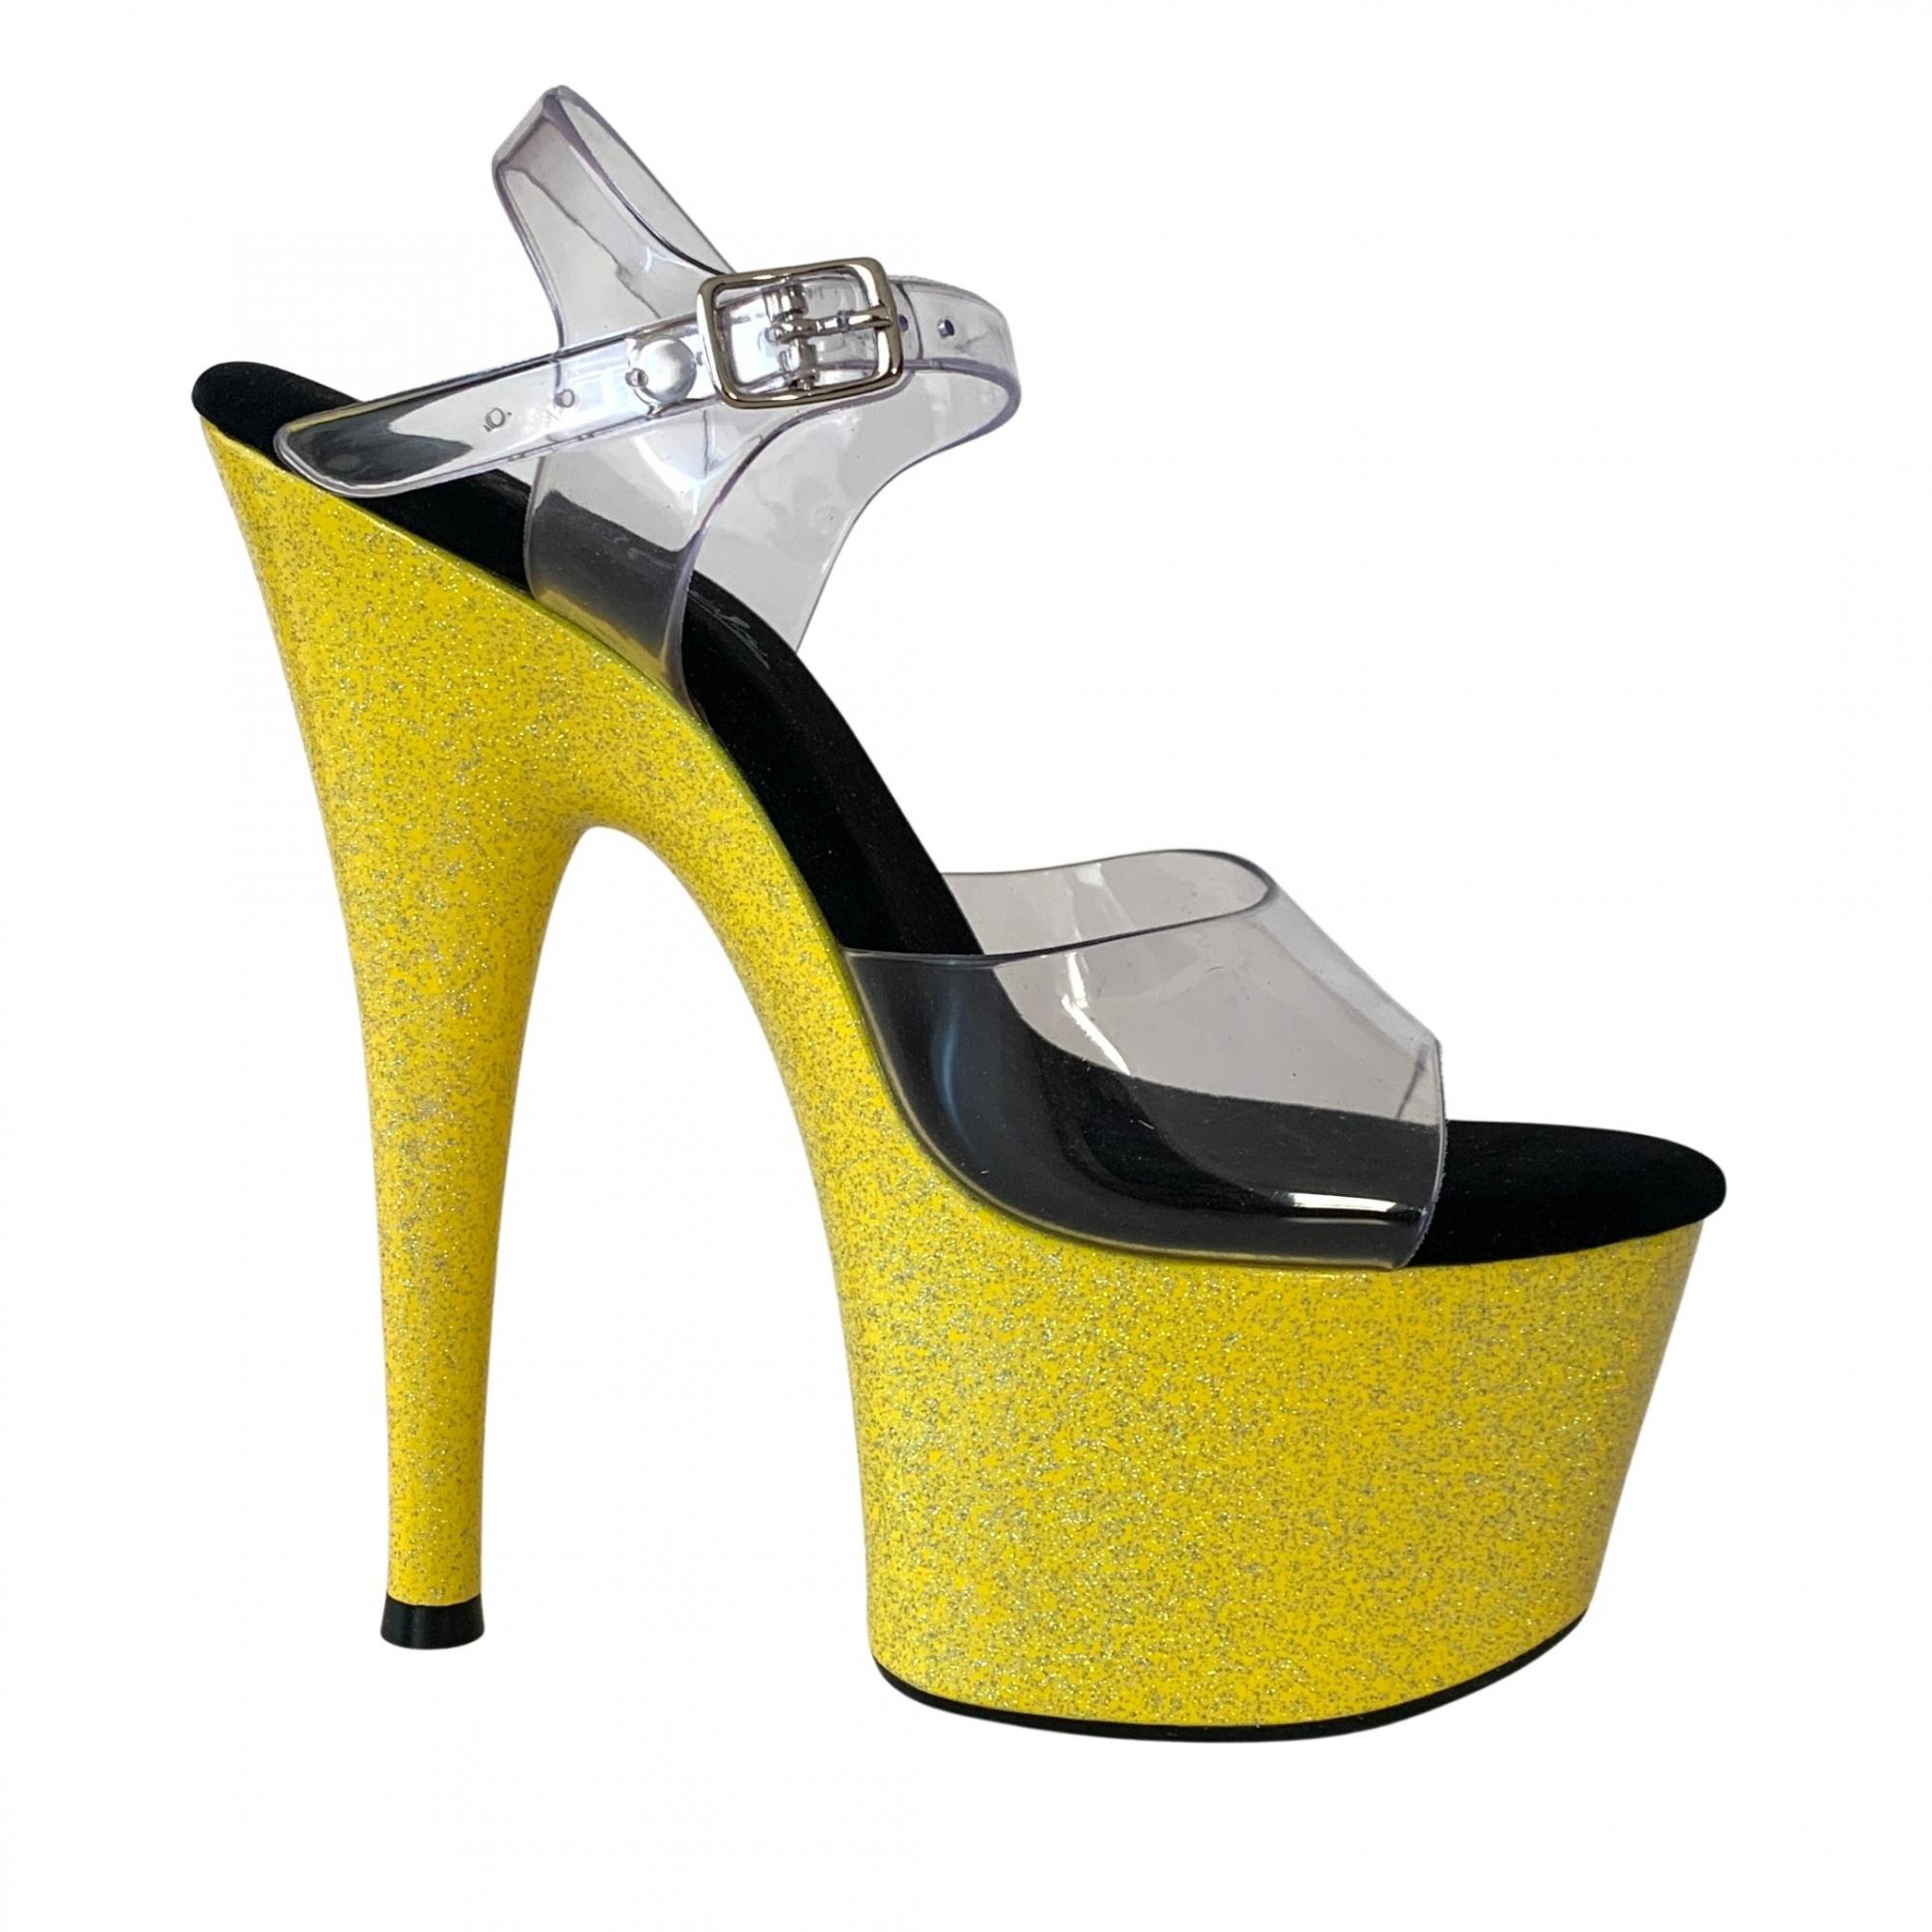 Sandália Del Diablo Glitter Amarelo - Play Heels (encomenda)